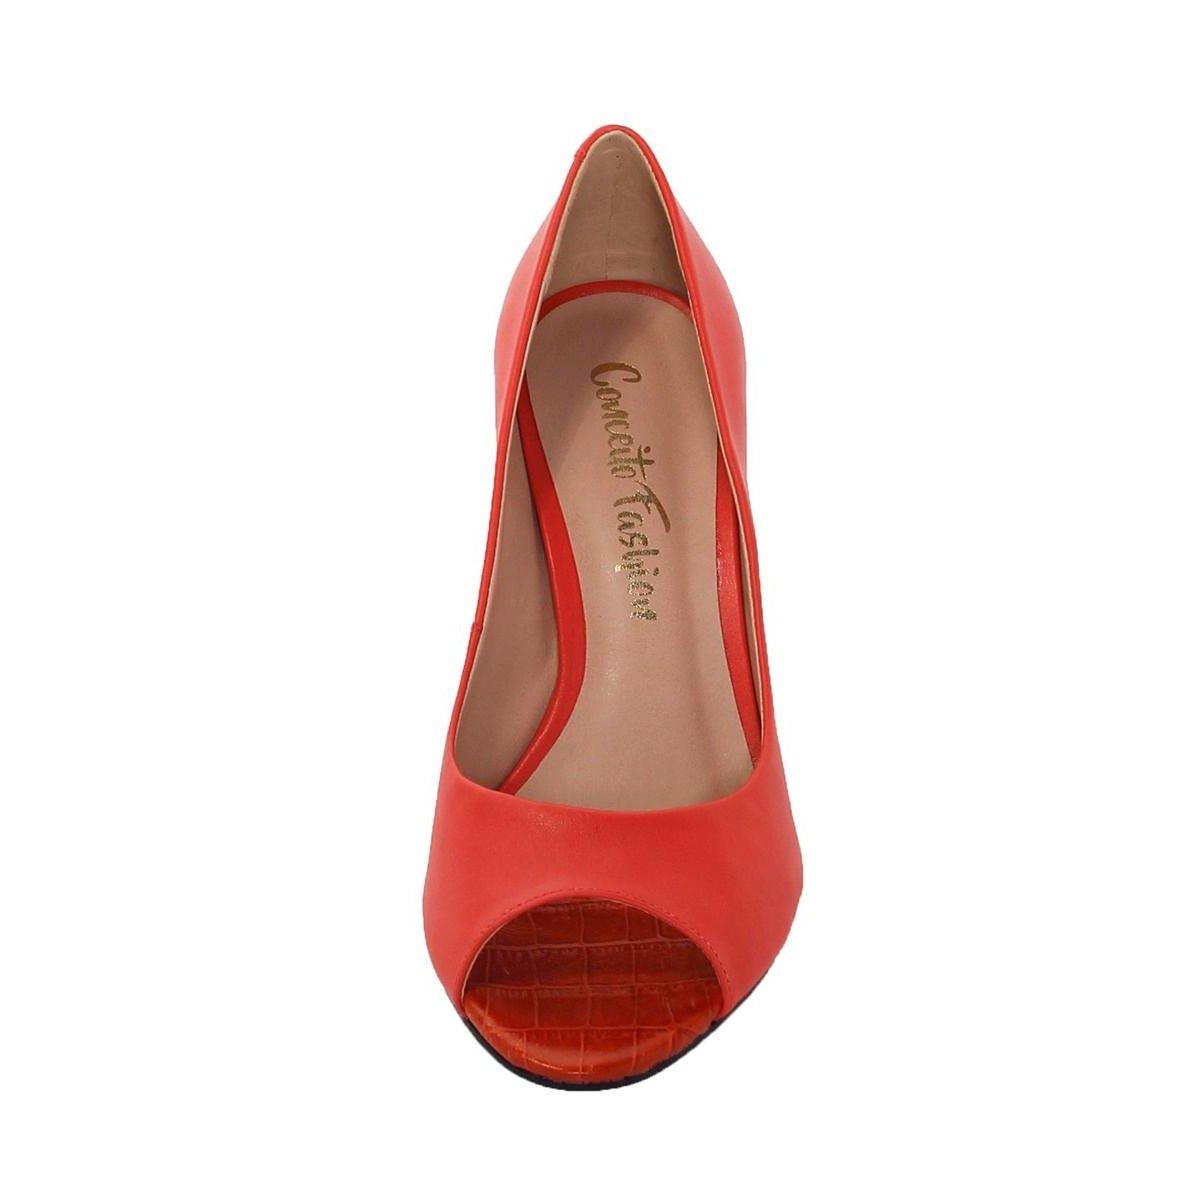 Peep Couro Vermelho Toe Salto Conceito Quadrado Toe Feminino Fashion Peep UvrxgnUR